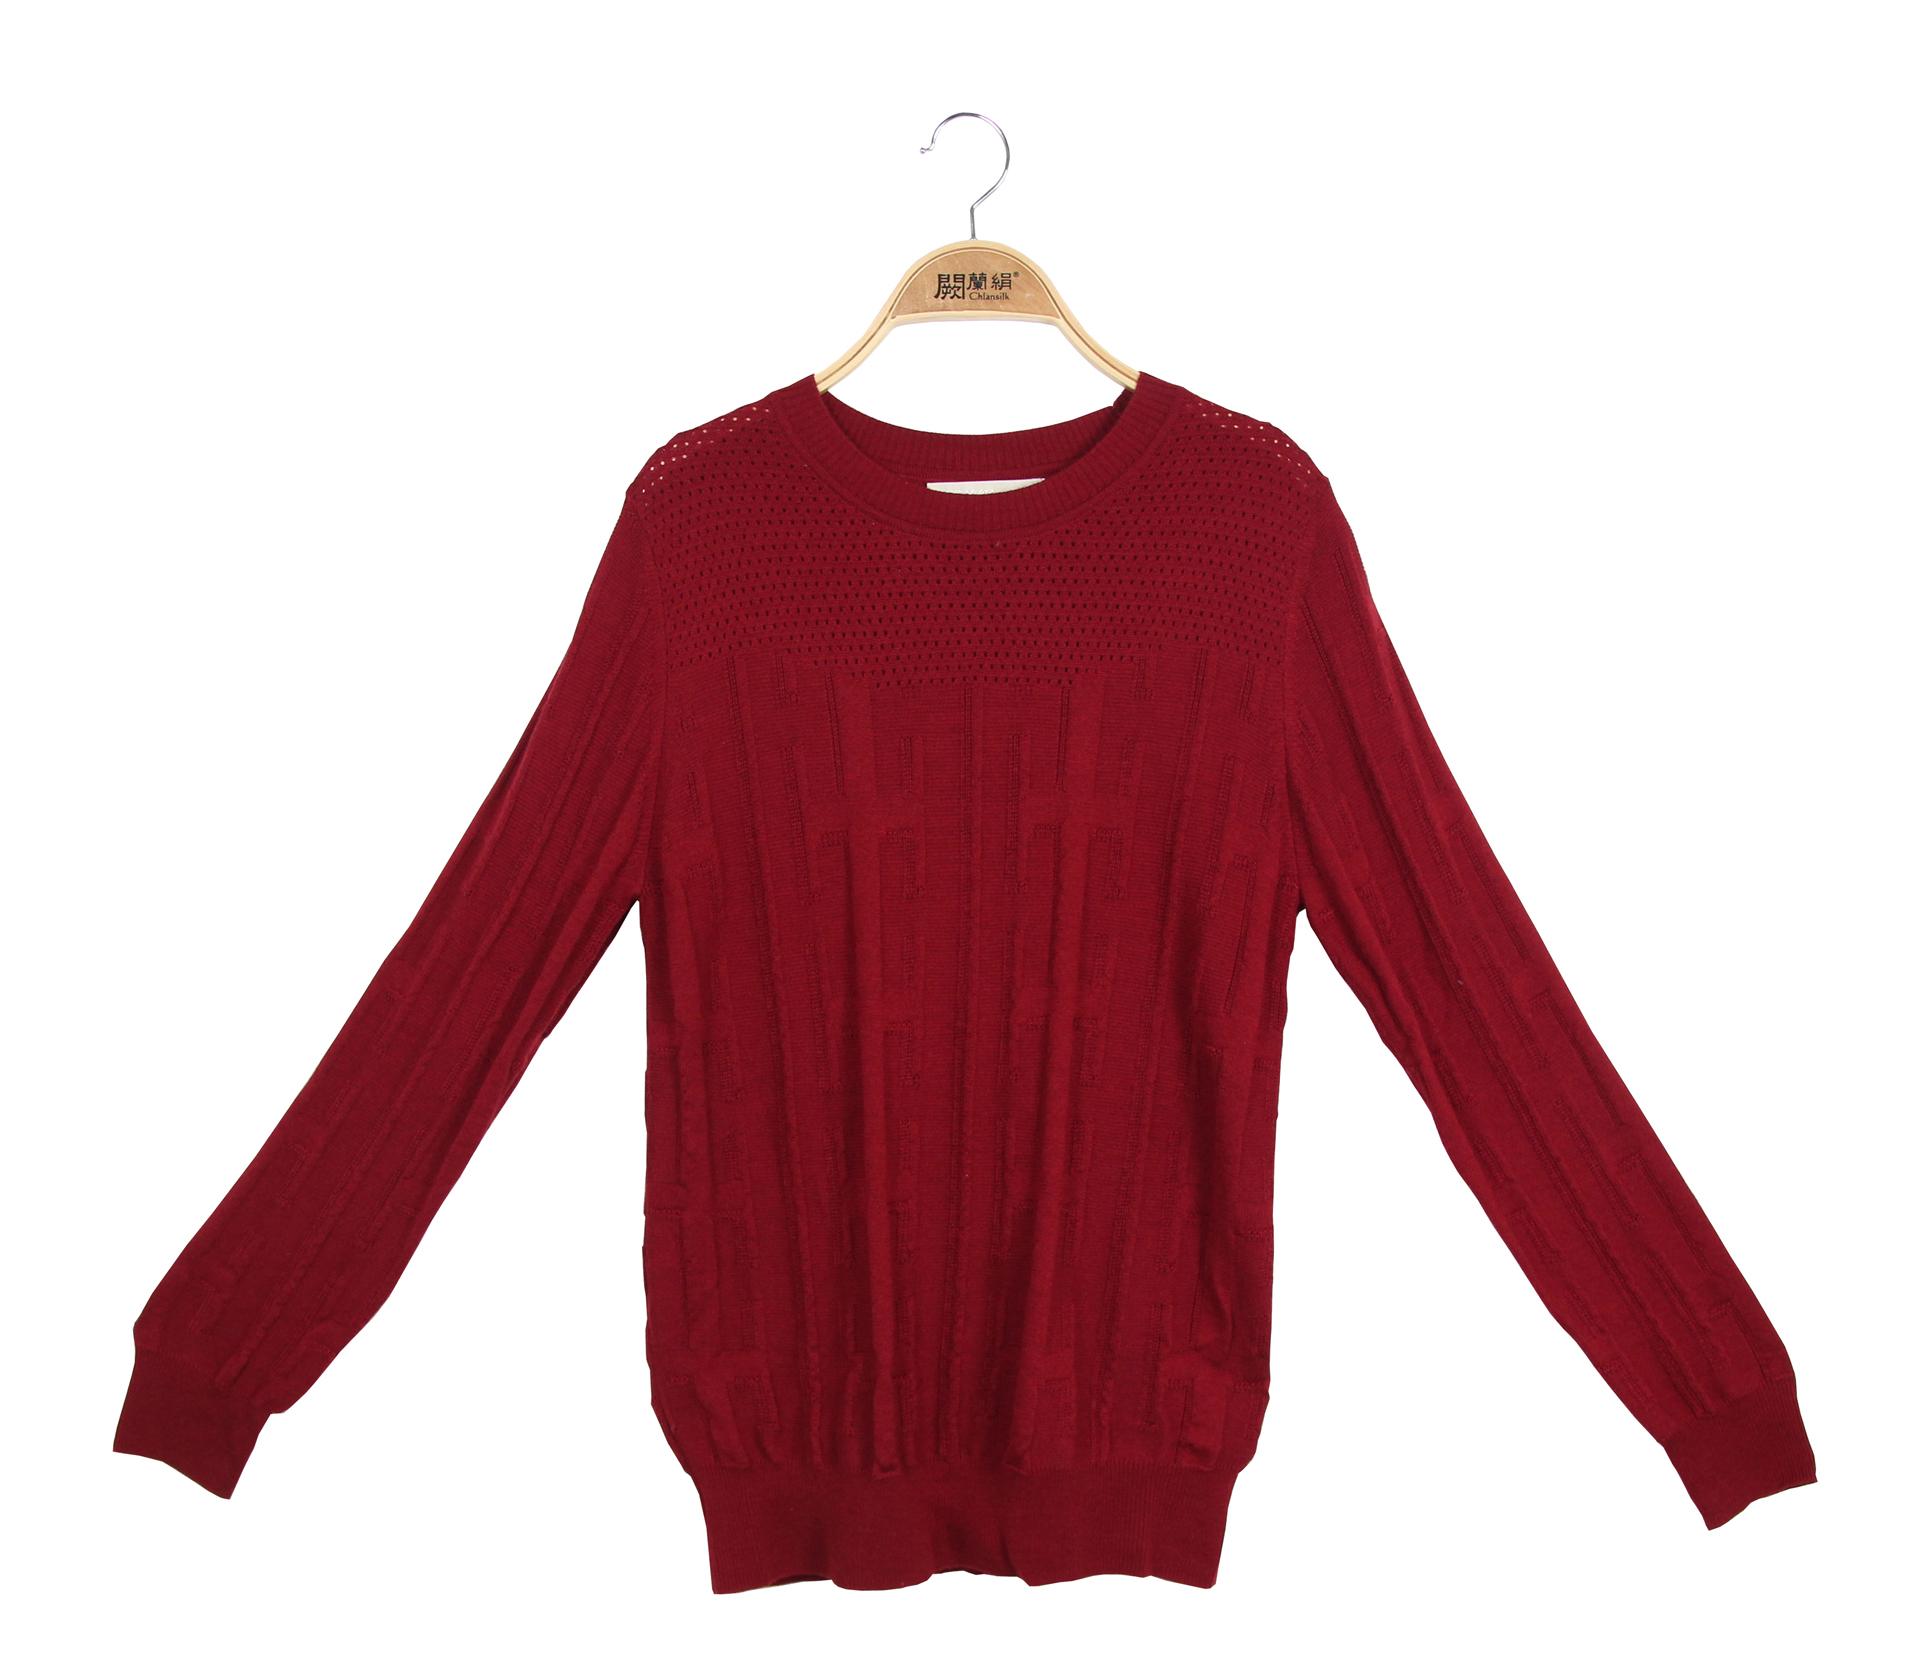 闕蘭絹極簡舒適羊毛蠶絲針織長袖上衣 - 酒紅色 - 6638